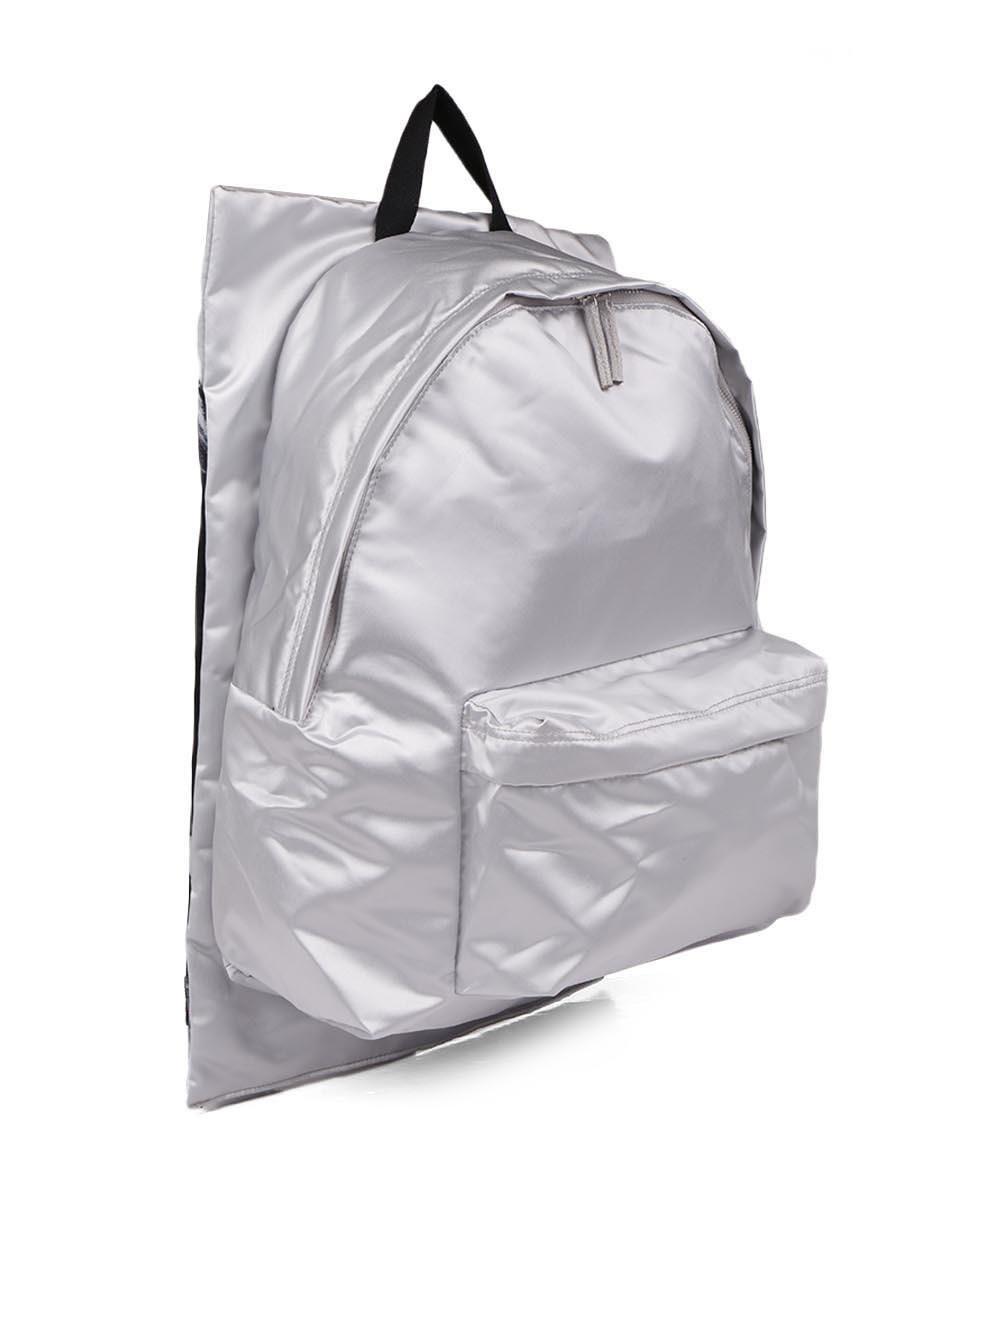 8e7b04305b1 Lyst - Raf Simons X Eastpak Rs Poster Backpack in Metallic for Men